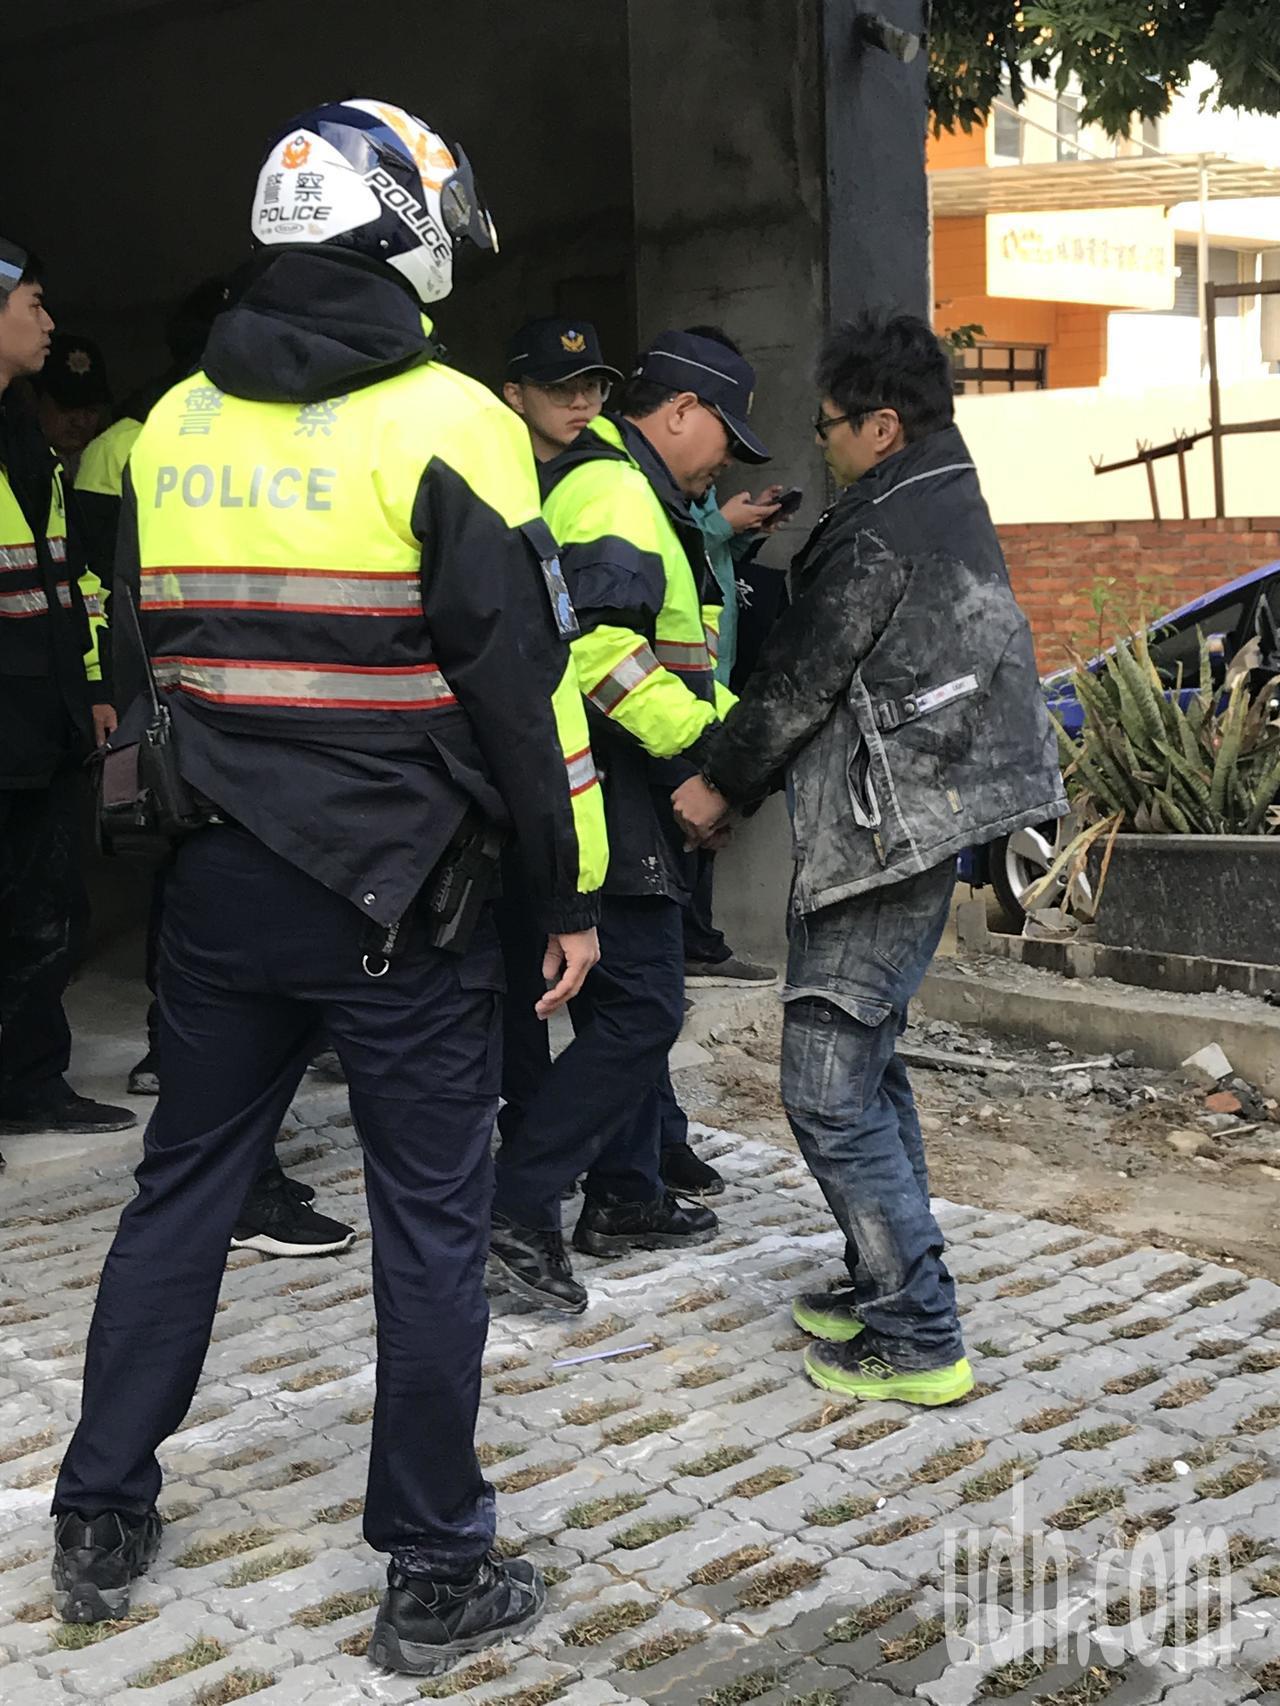 陳男(右)持刀砍傷黃男,遭優勢警力逮捕。記者林佩均/攝影